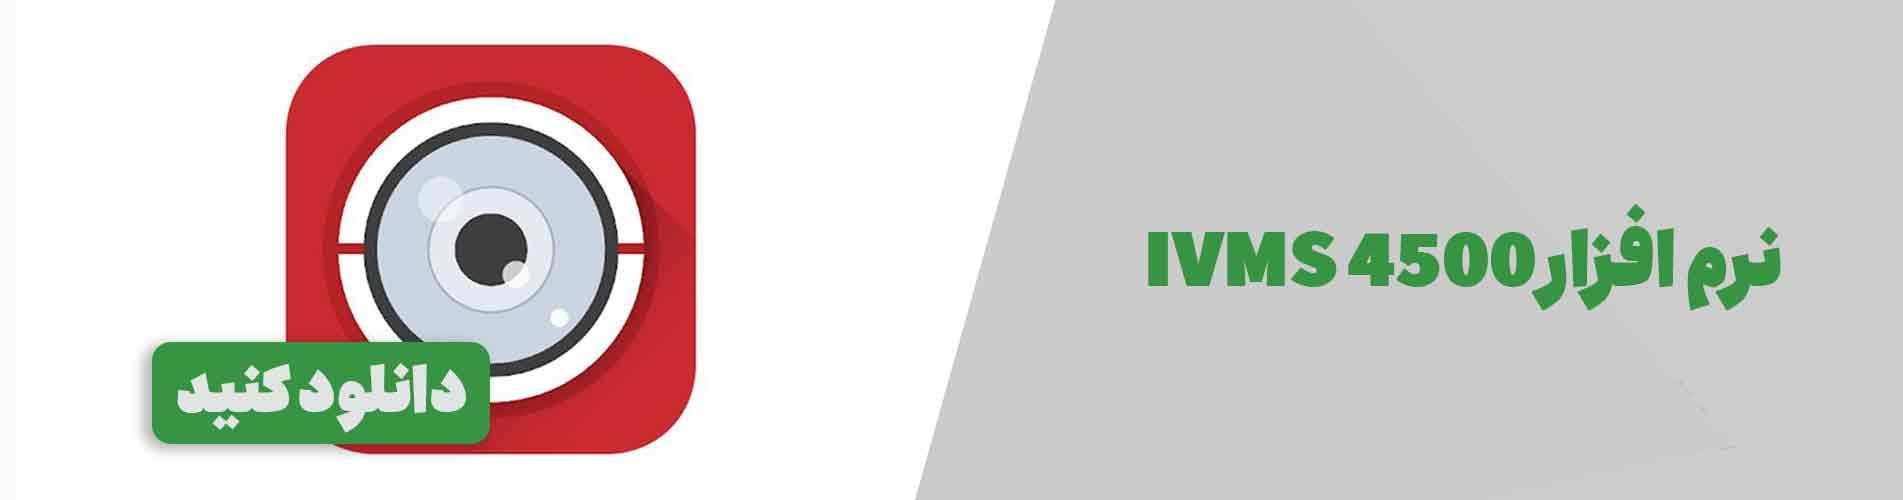 نرم افزار IVMS 4500